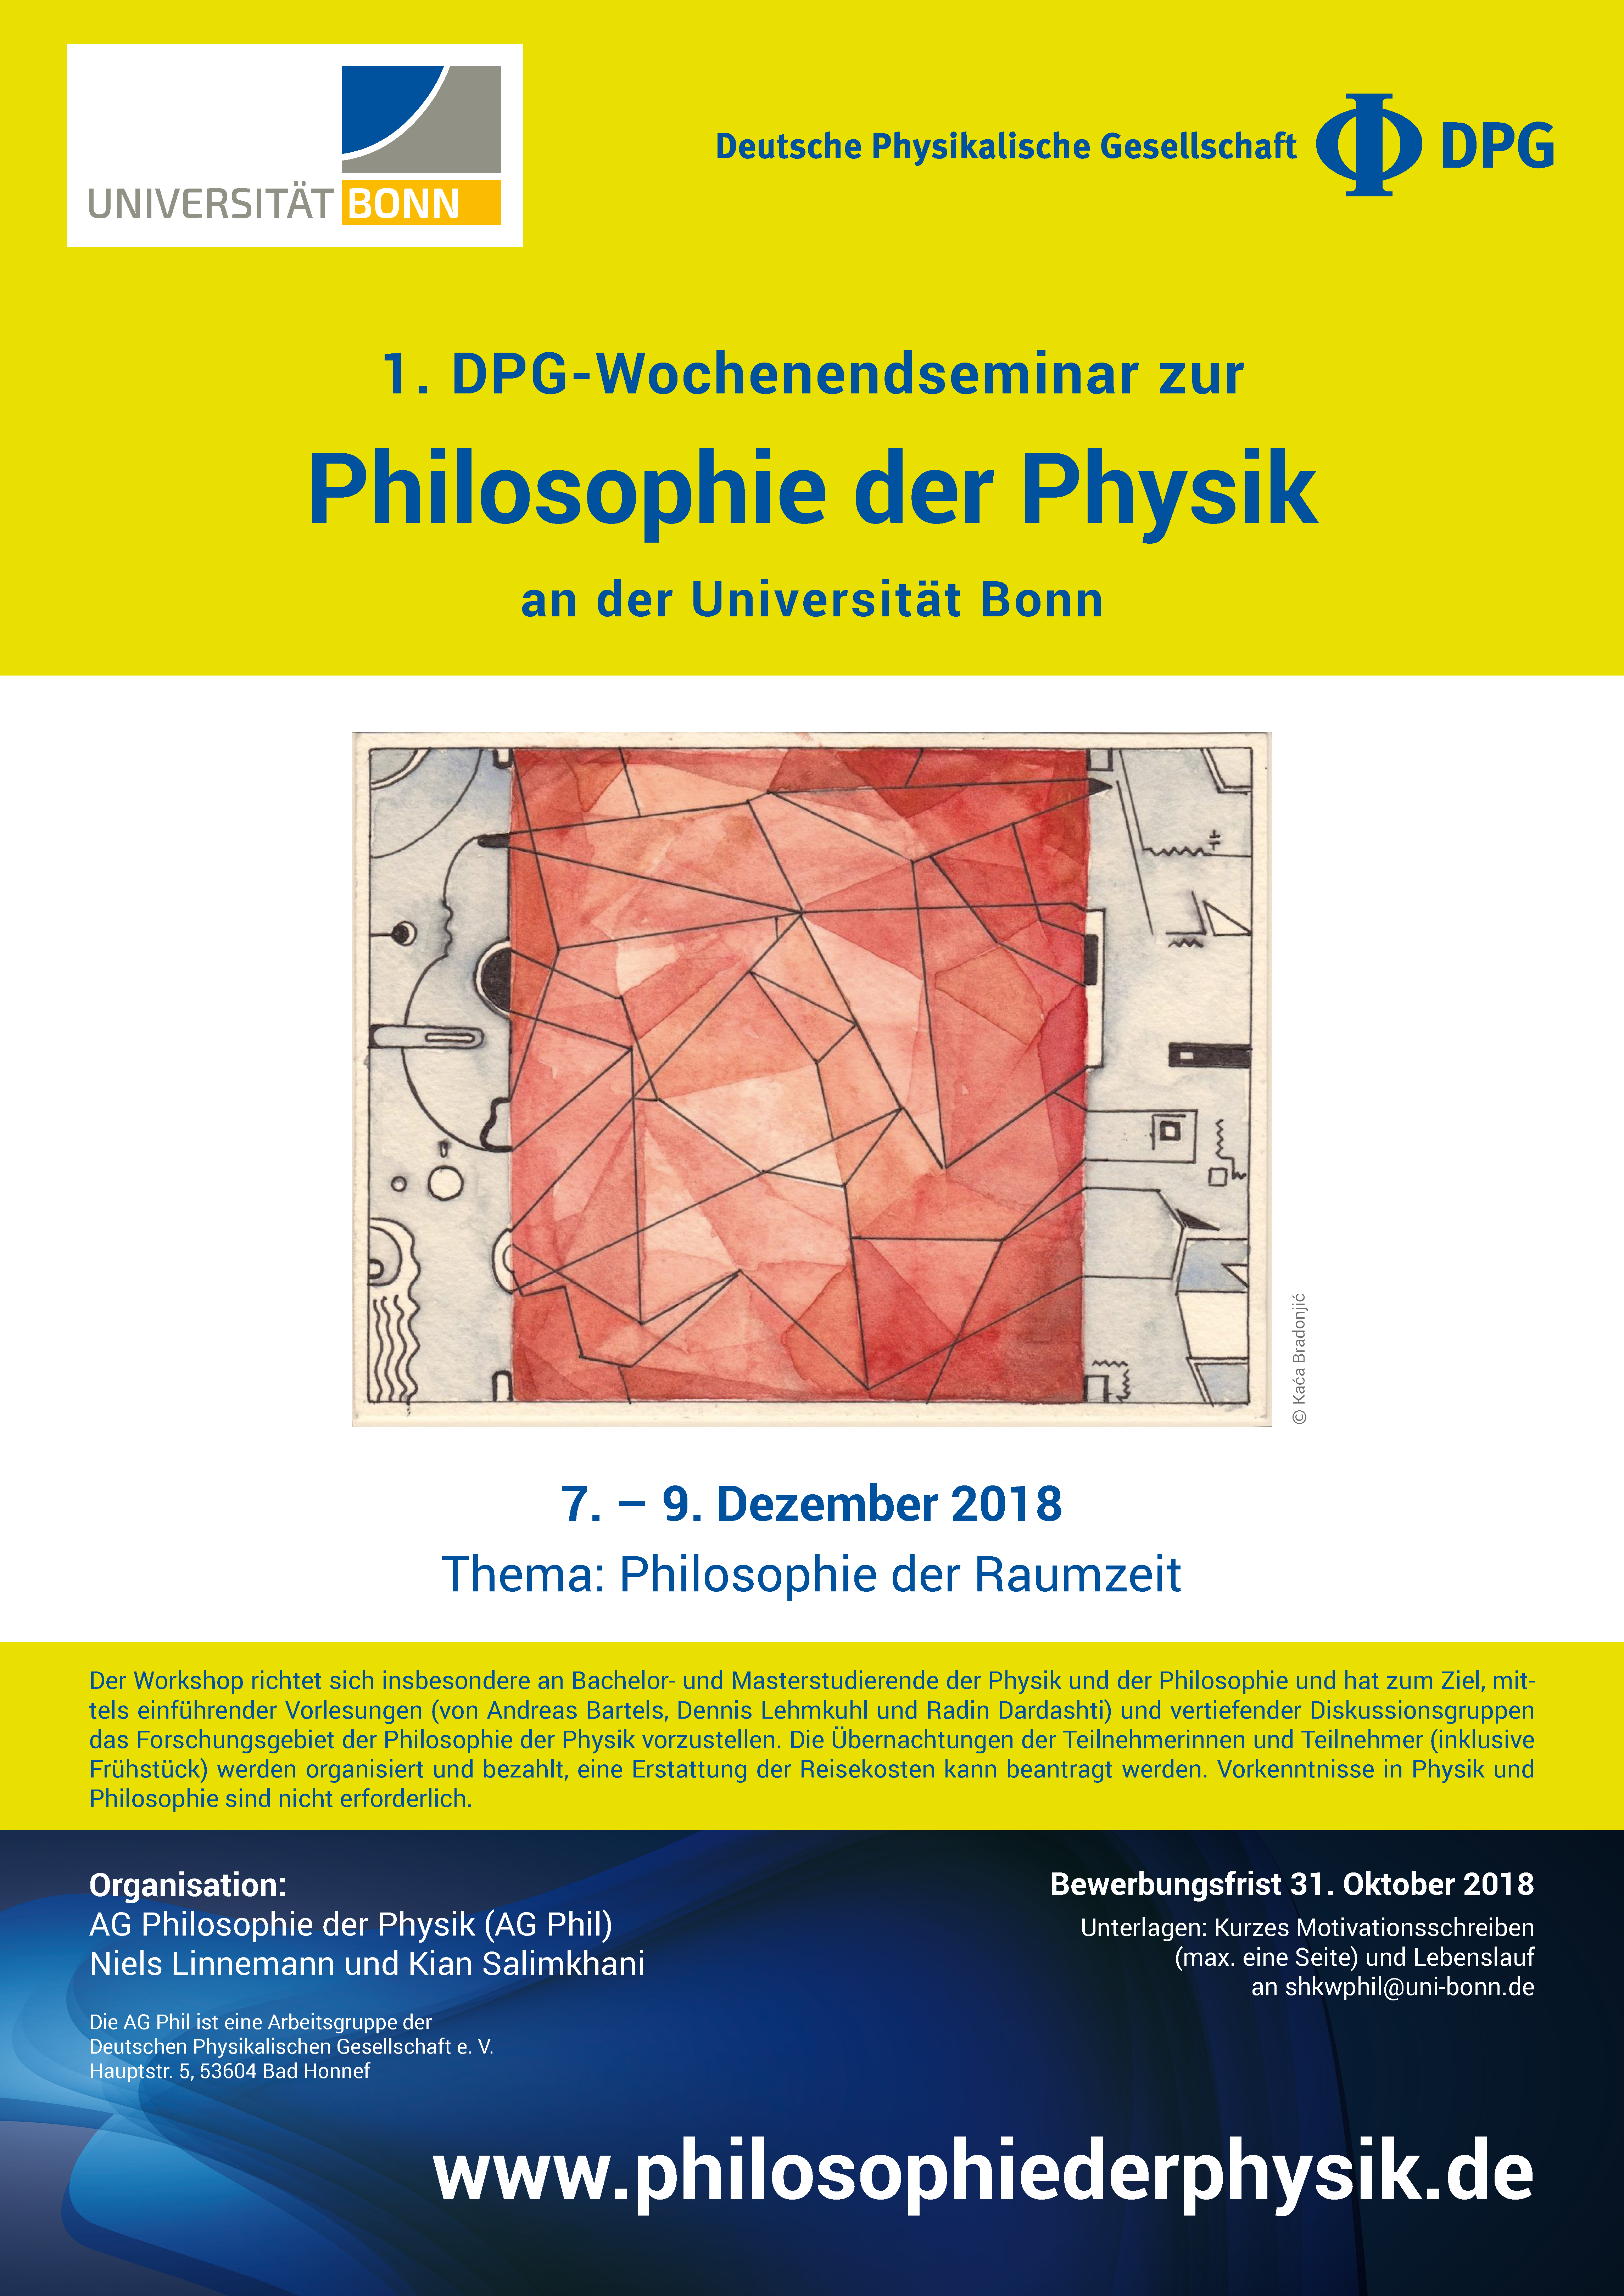 Wochenendseminar: Philosophie der Raumzeit